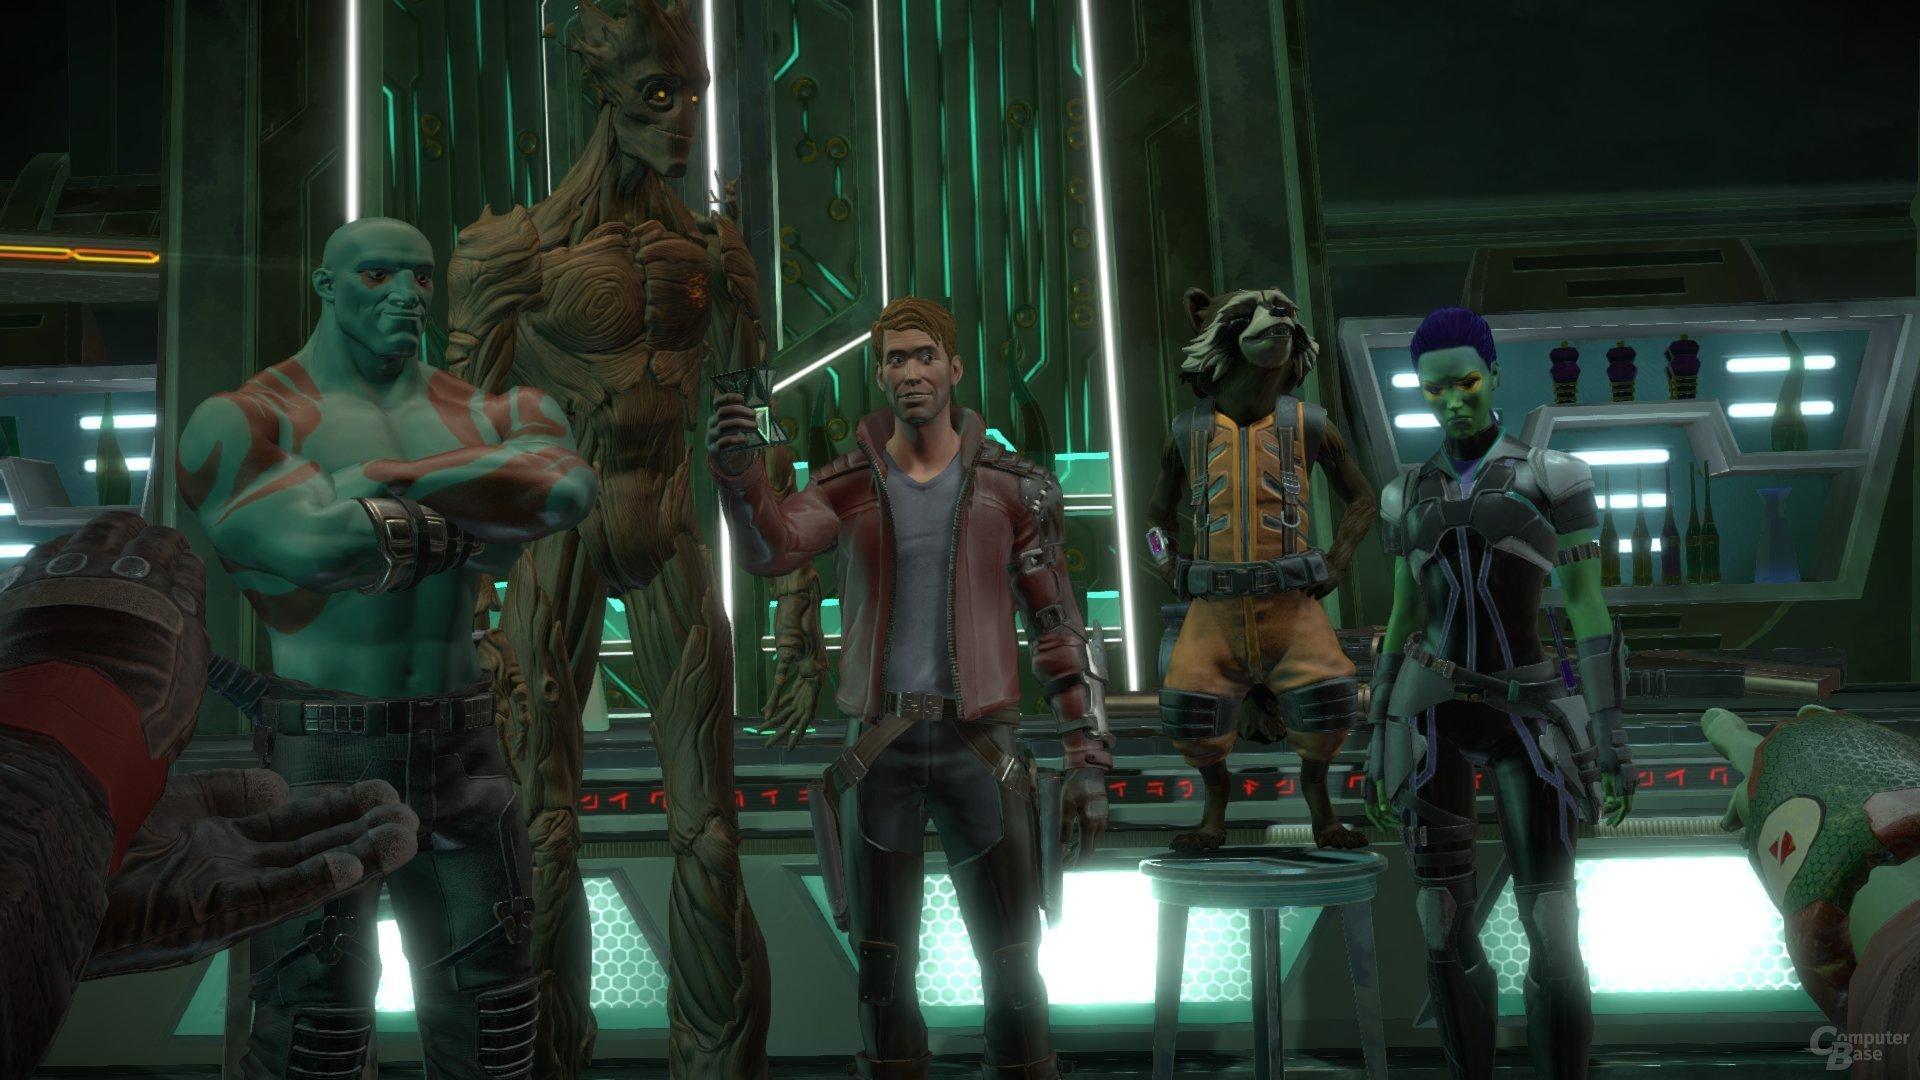 Die fünf Helden in einer Space-Bar